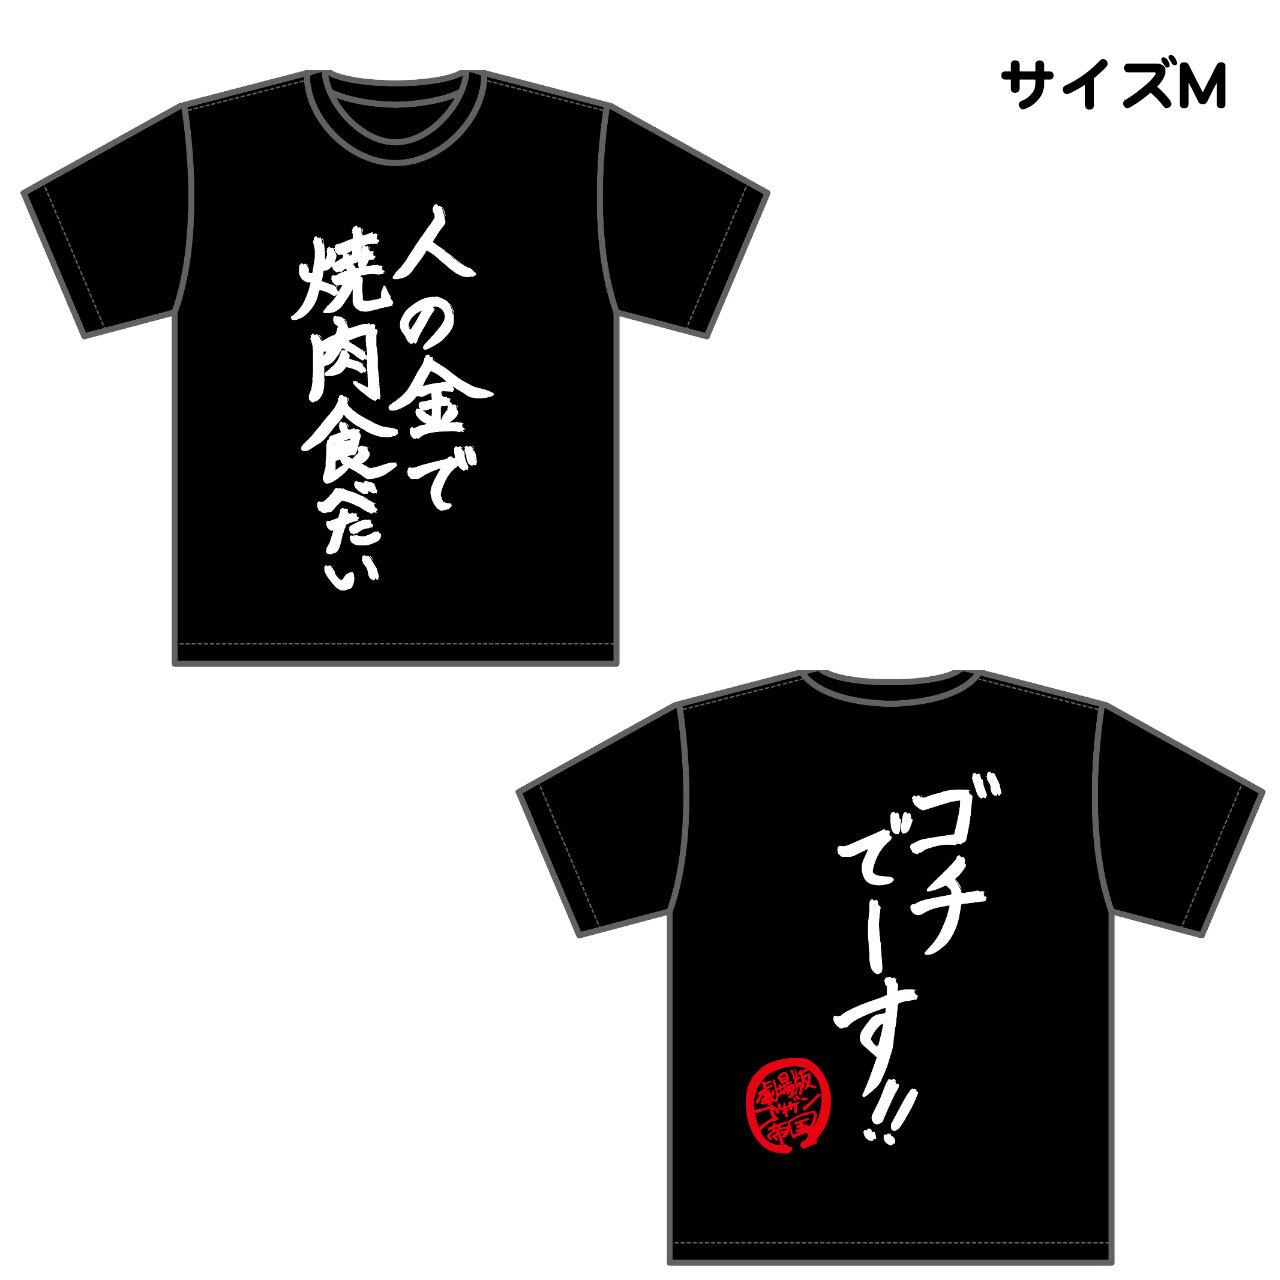 【数量限定】劇場版ゴキゲン帝国/「人の金で焼肉食べたい」Tシャツ/先斗ぺろカラー/M